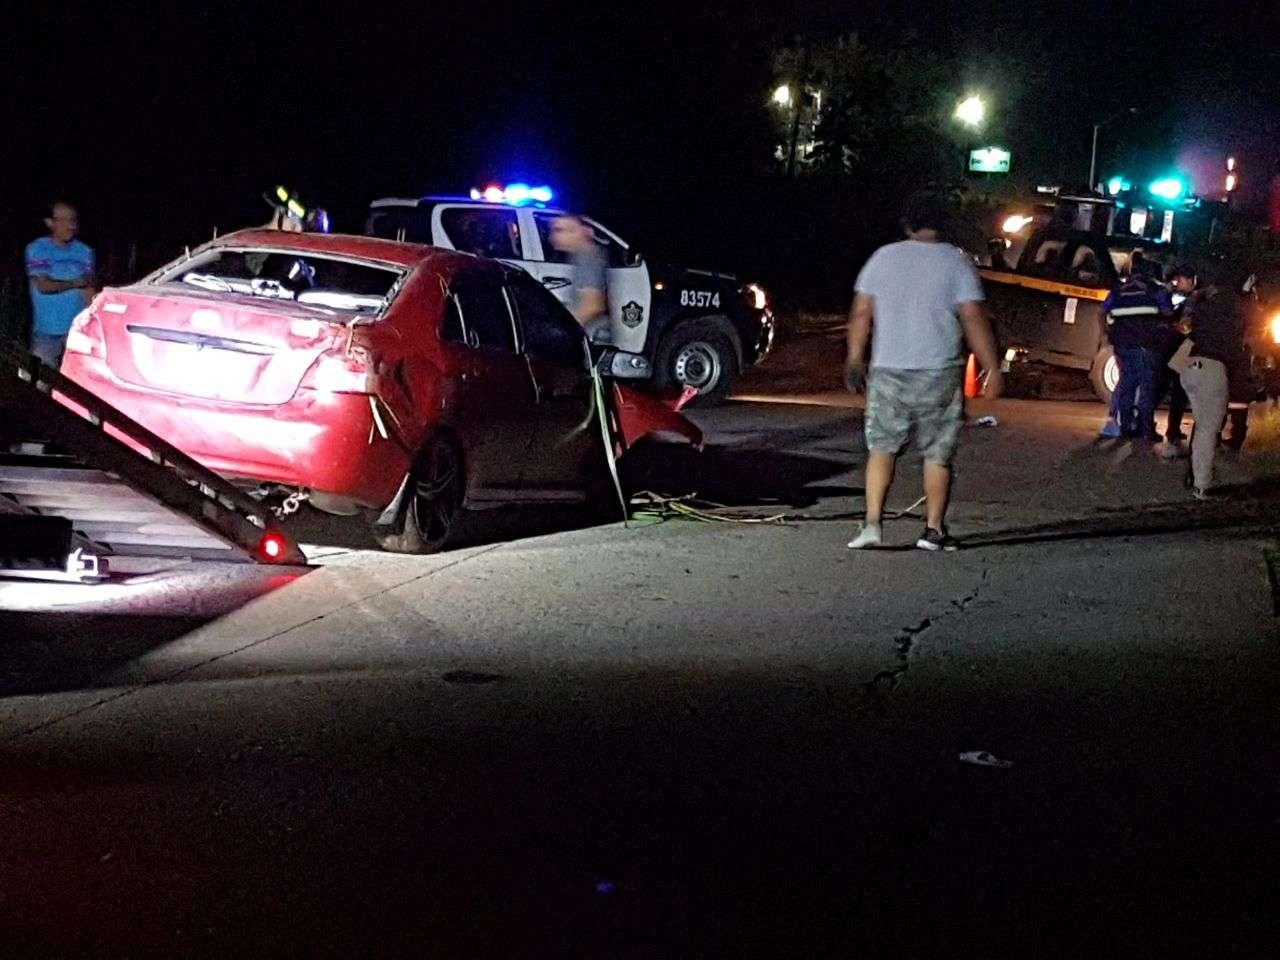 Producto de fuerte golpe, el cuerpo de la víctima quedó atrapado dentro de la carrocería del vehículo que terminó muy achurrada. /  Foto: Raimundo Rivera